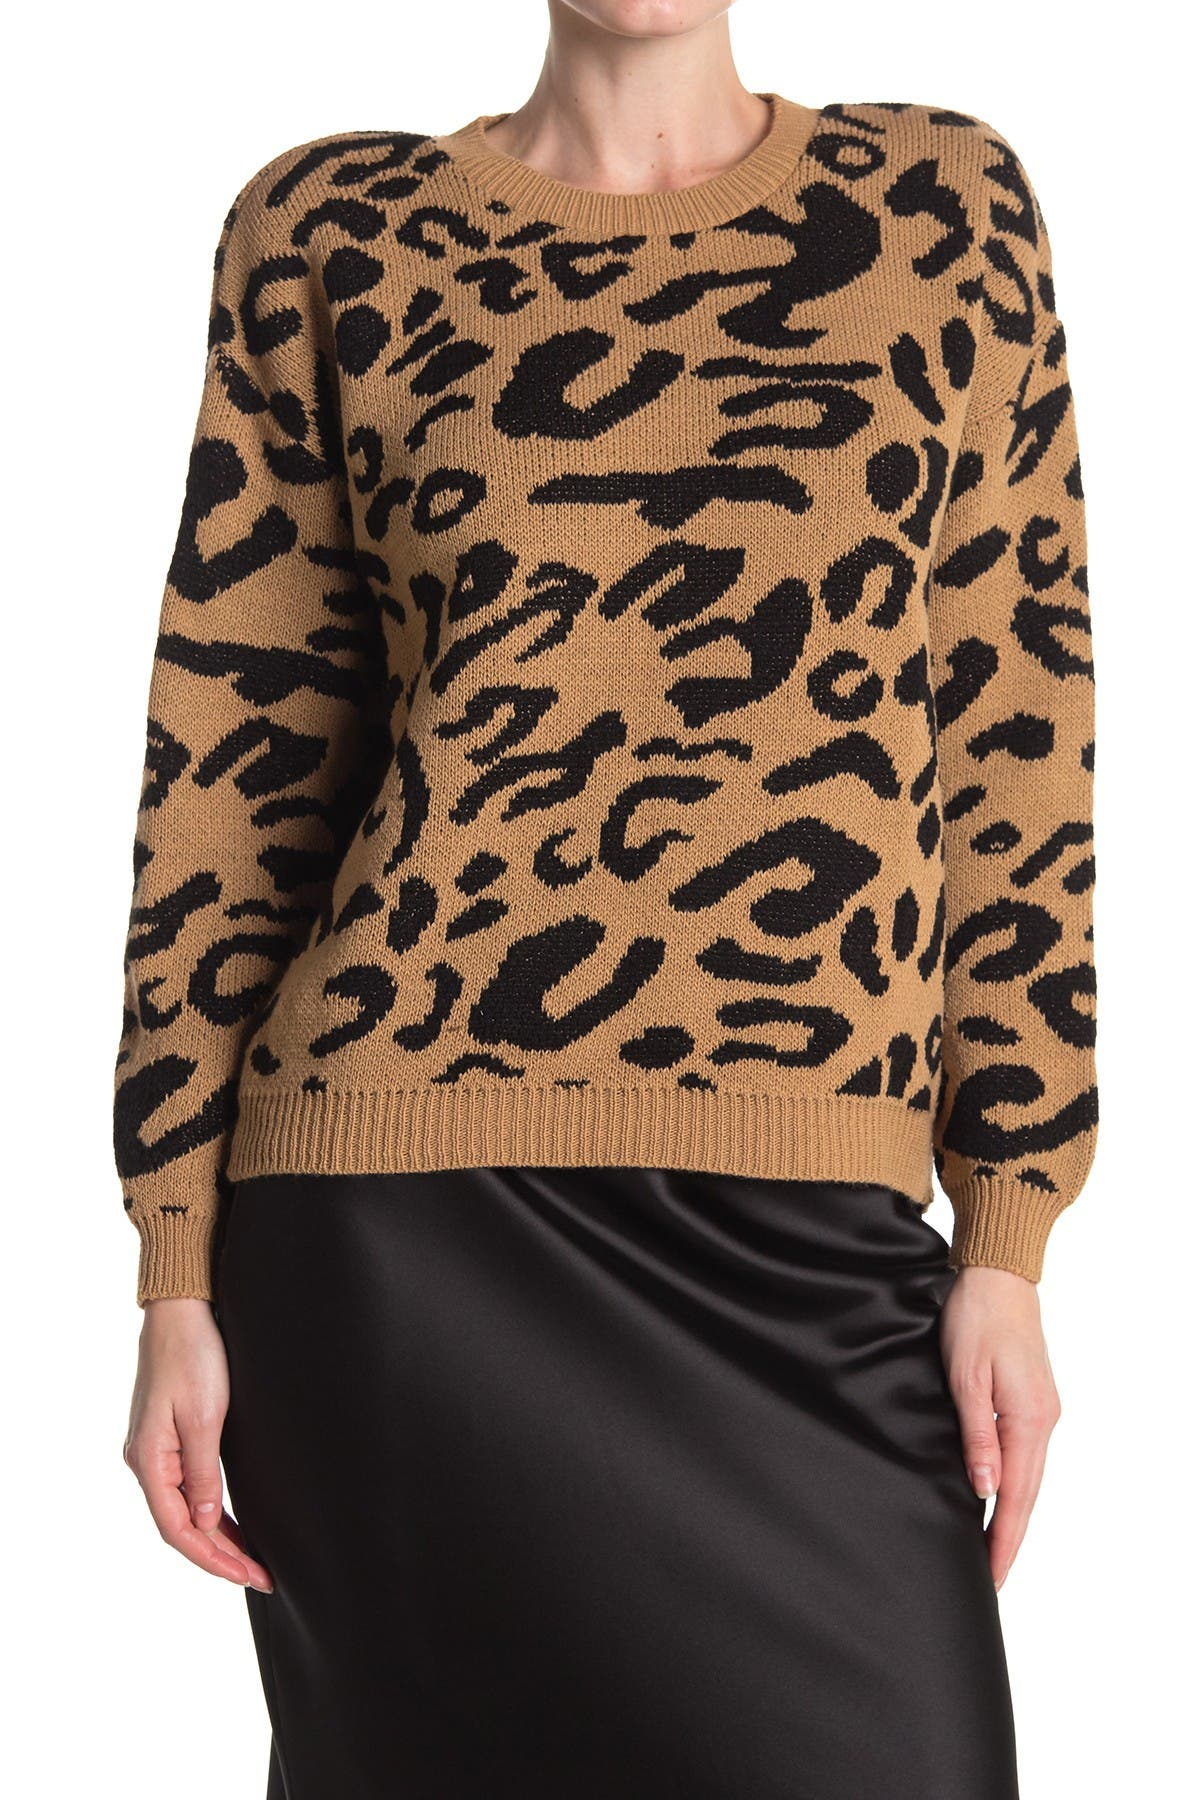 Image of Cotton Emporium Leopard Pullover